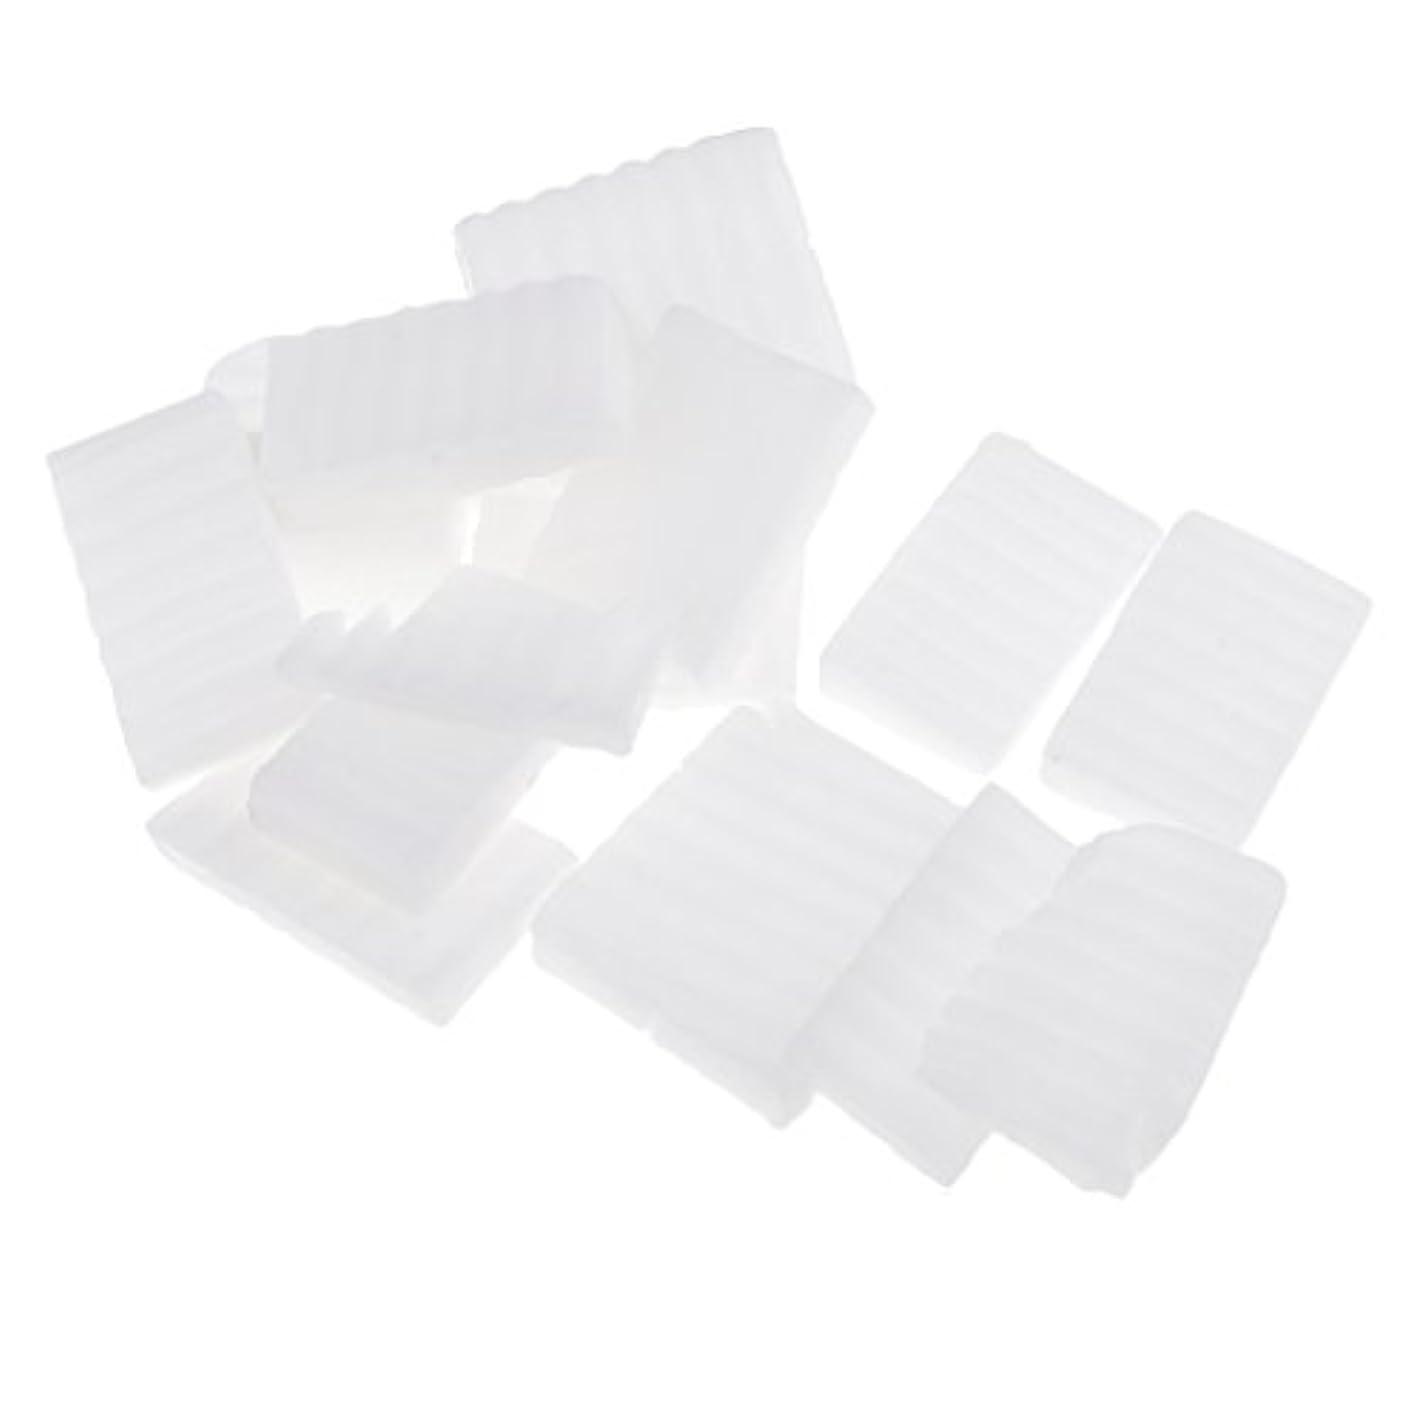 石鹸落ち着いて横たわるHomyl 約500g ホワイト 石鹸ベース DIY 手作り 石鹸 材料